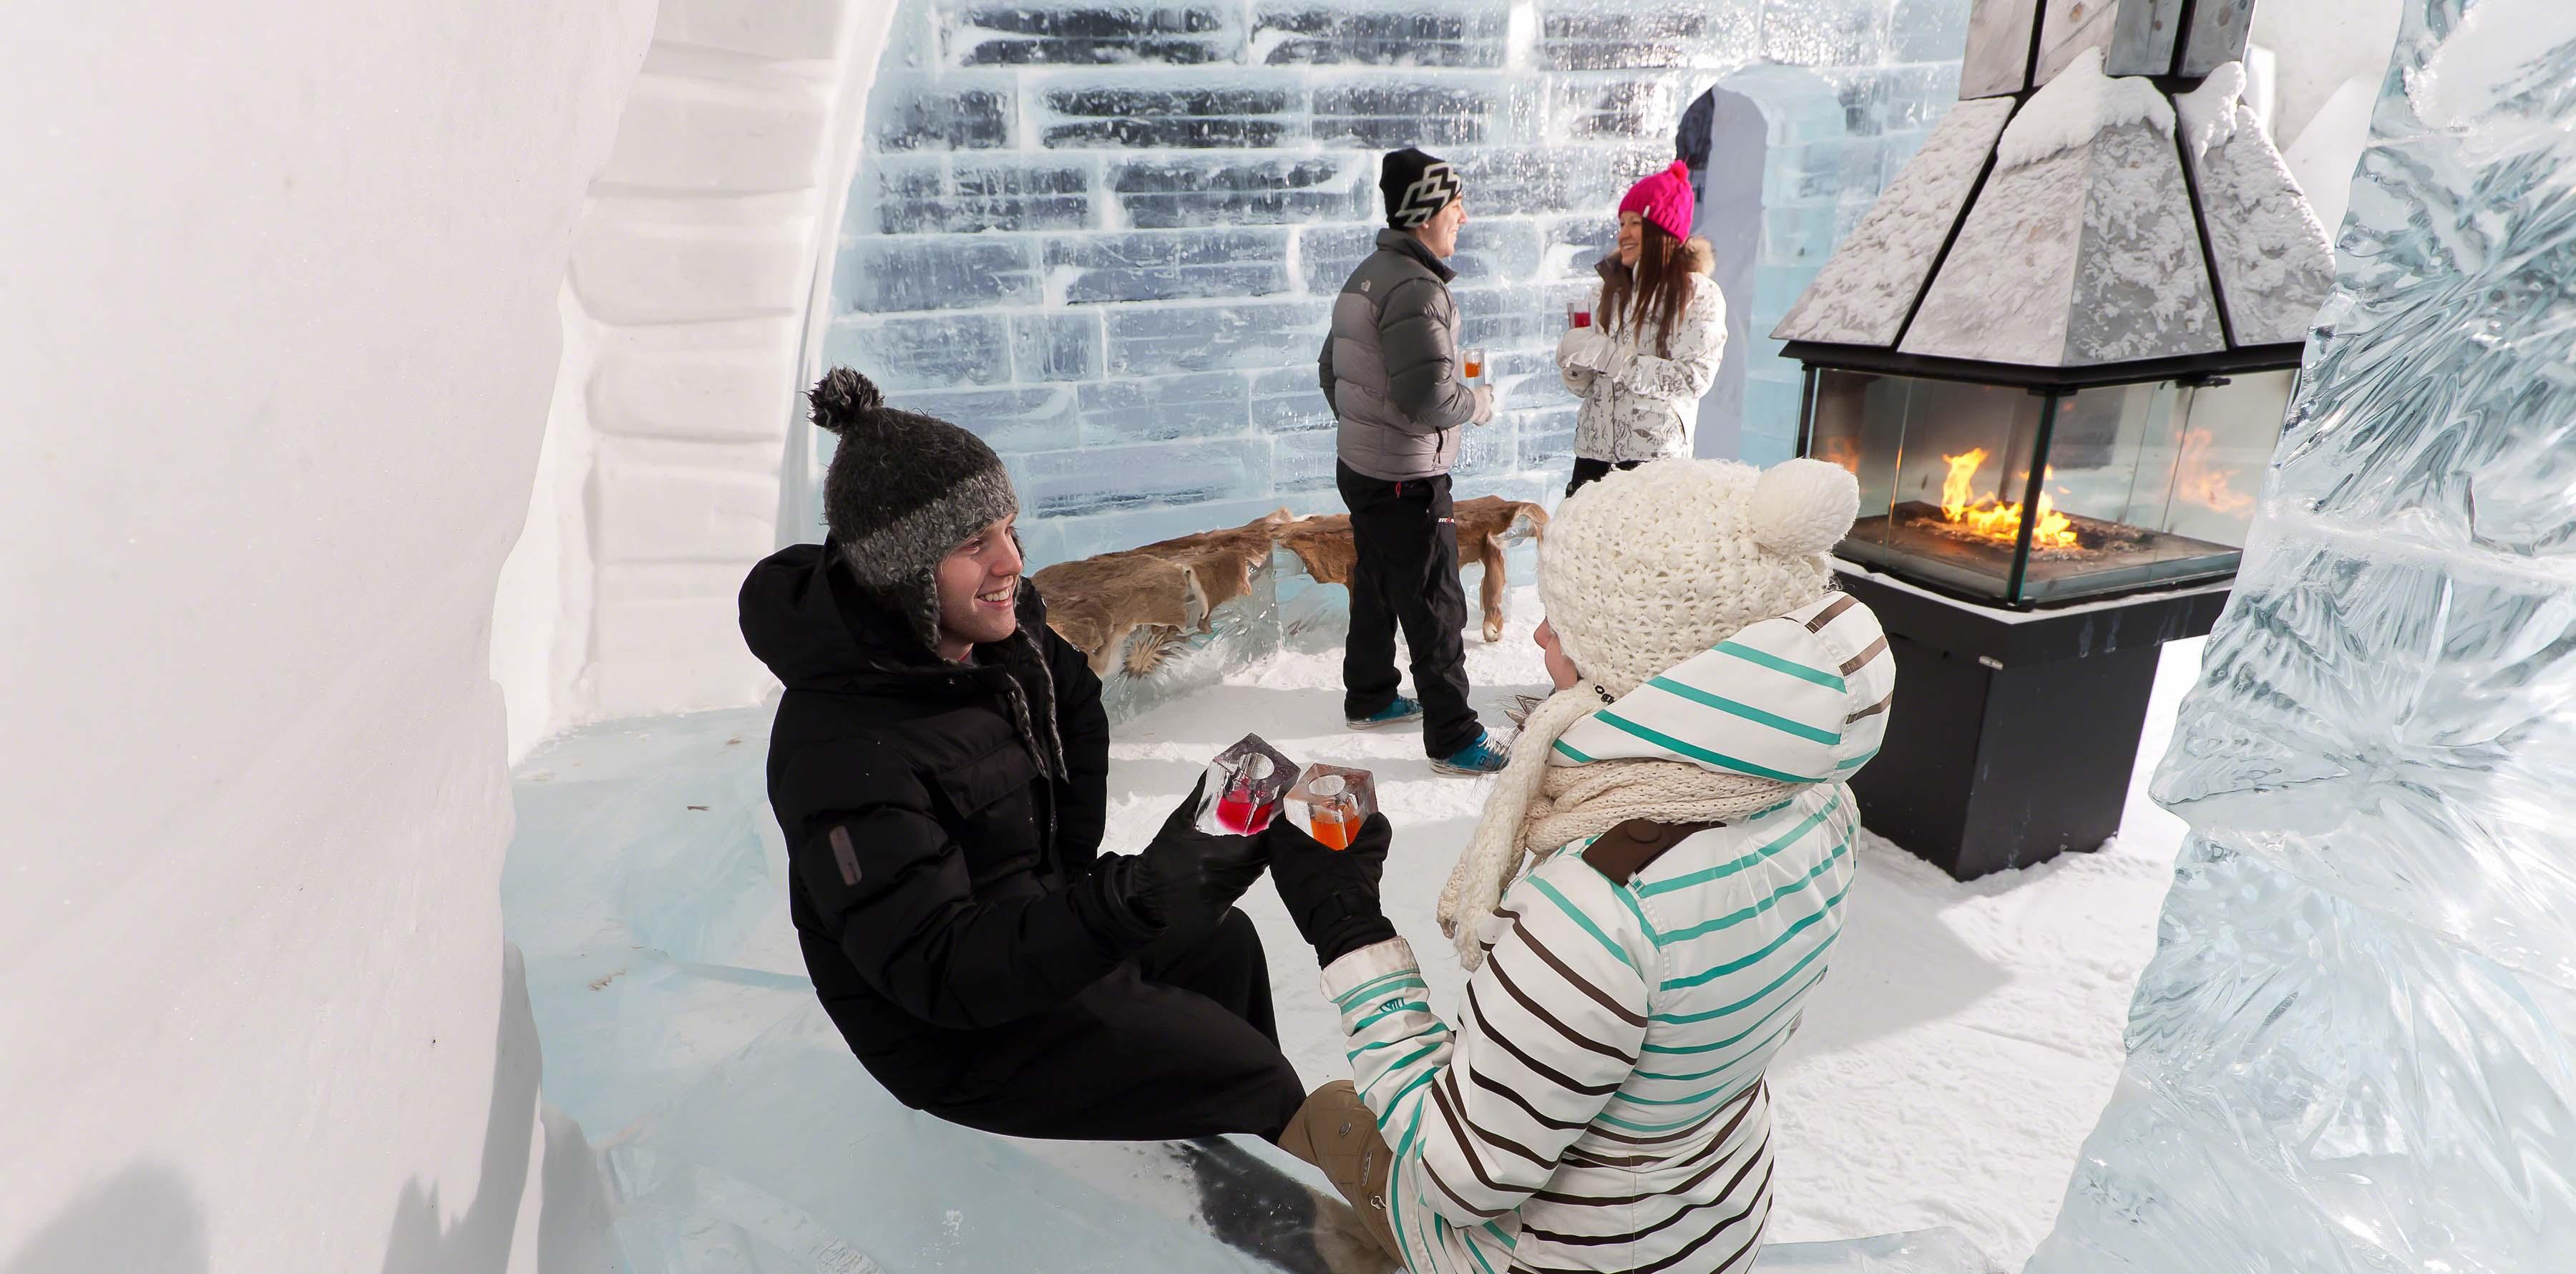 hôtel glace québec hiver activité